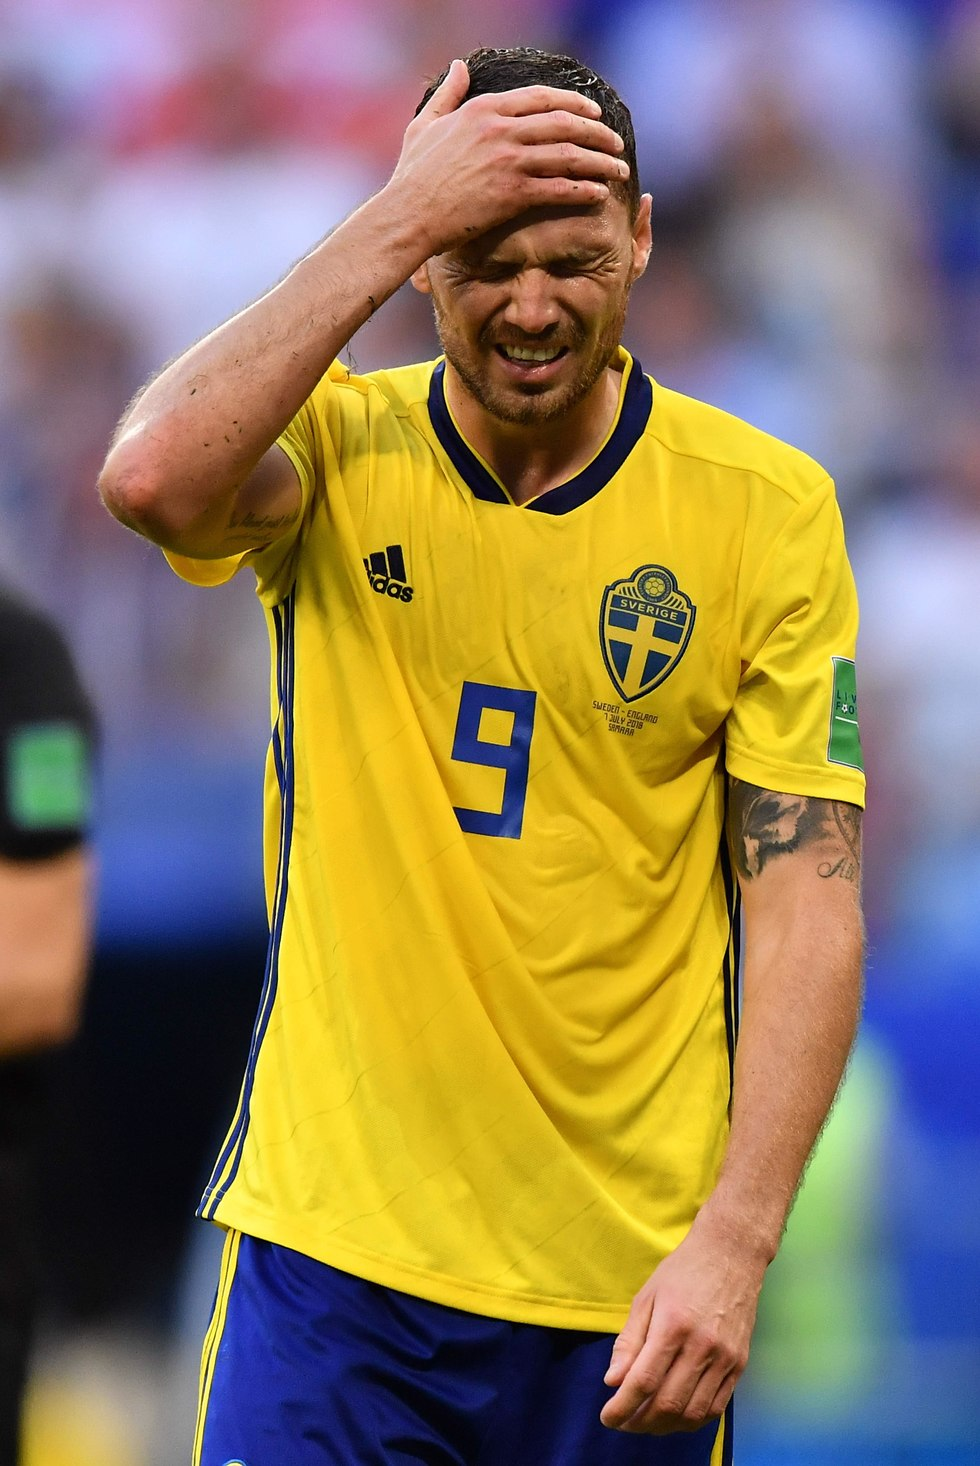 מרקוס ברג מאוכזב (צילום: AFP)